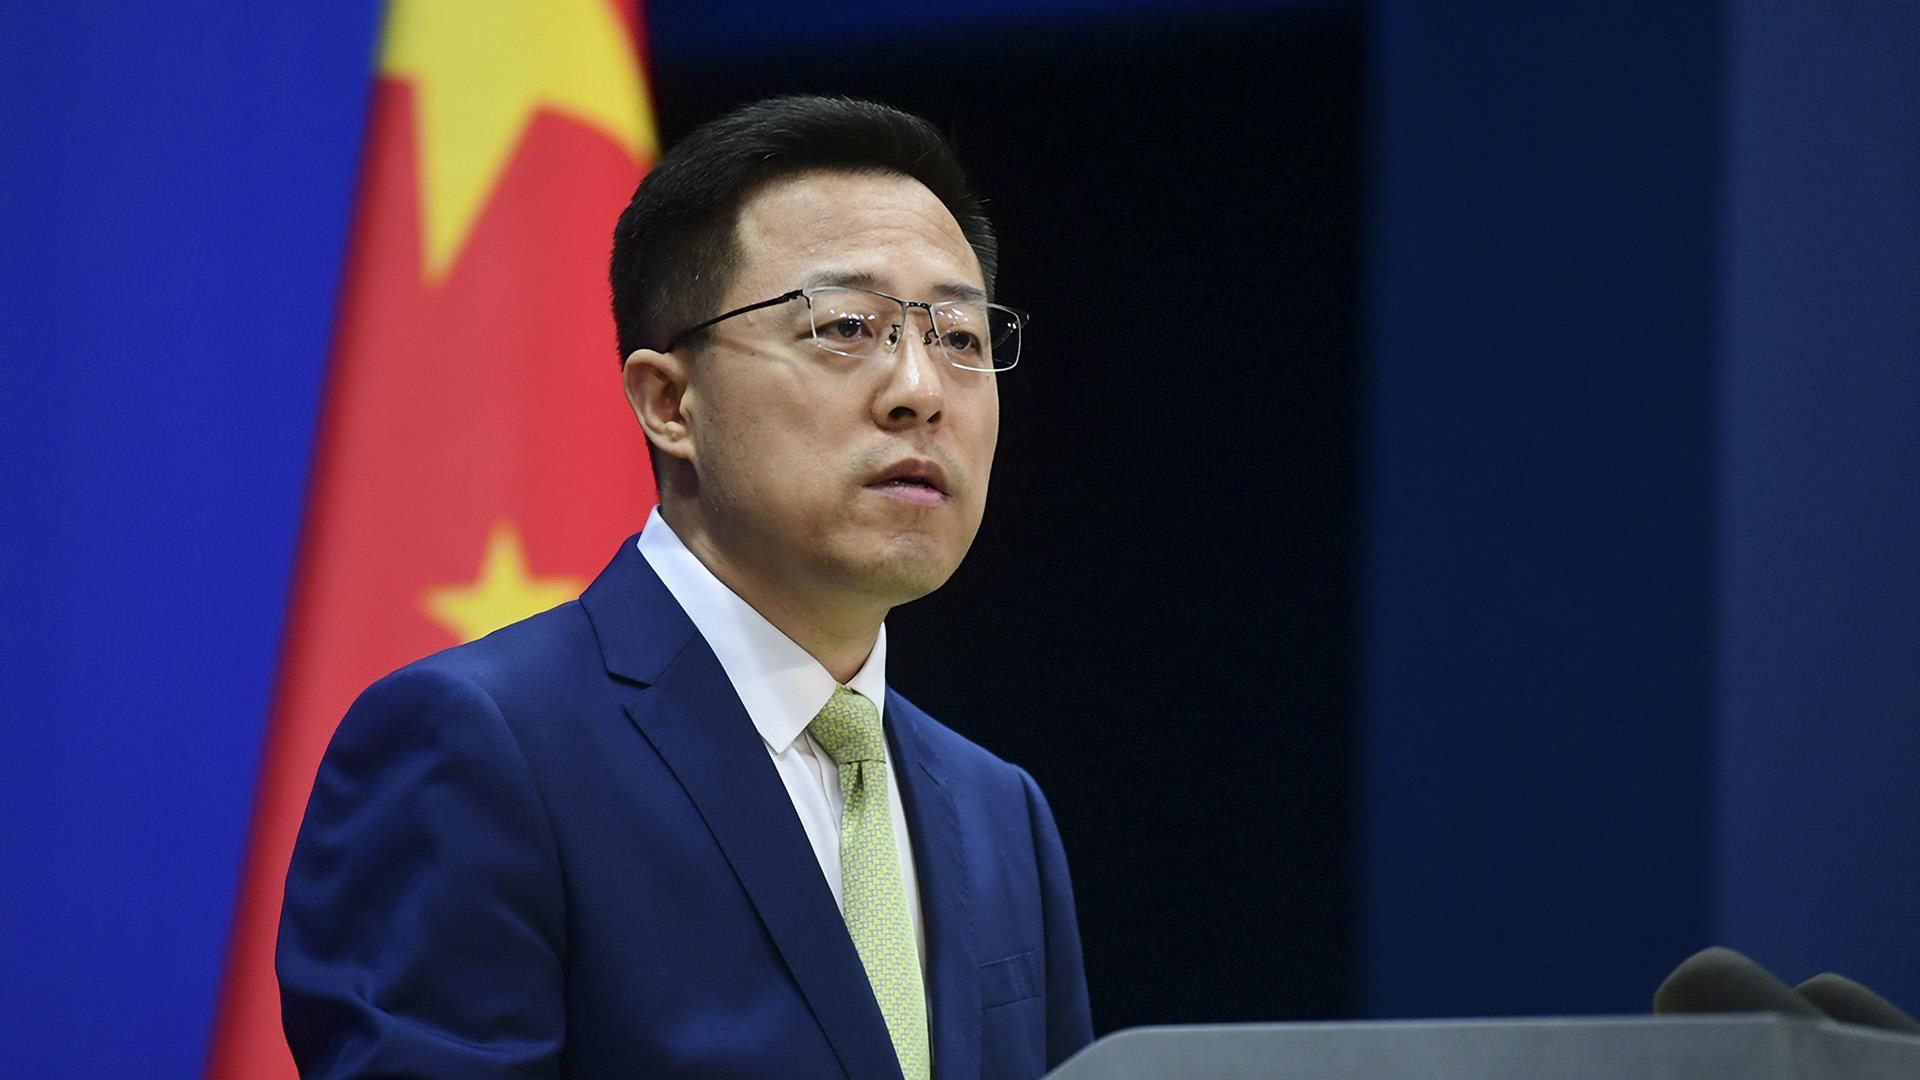 Beijing Postpones Economic Corridor Meeting After Death Of 9 Nationals In Pakistan Bus Blast